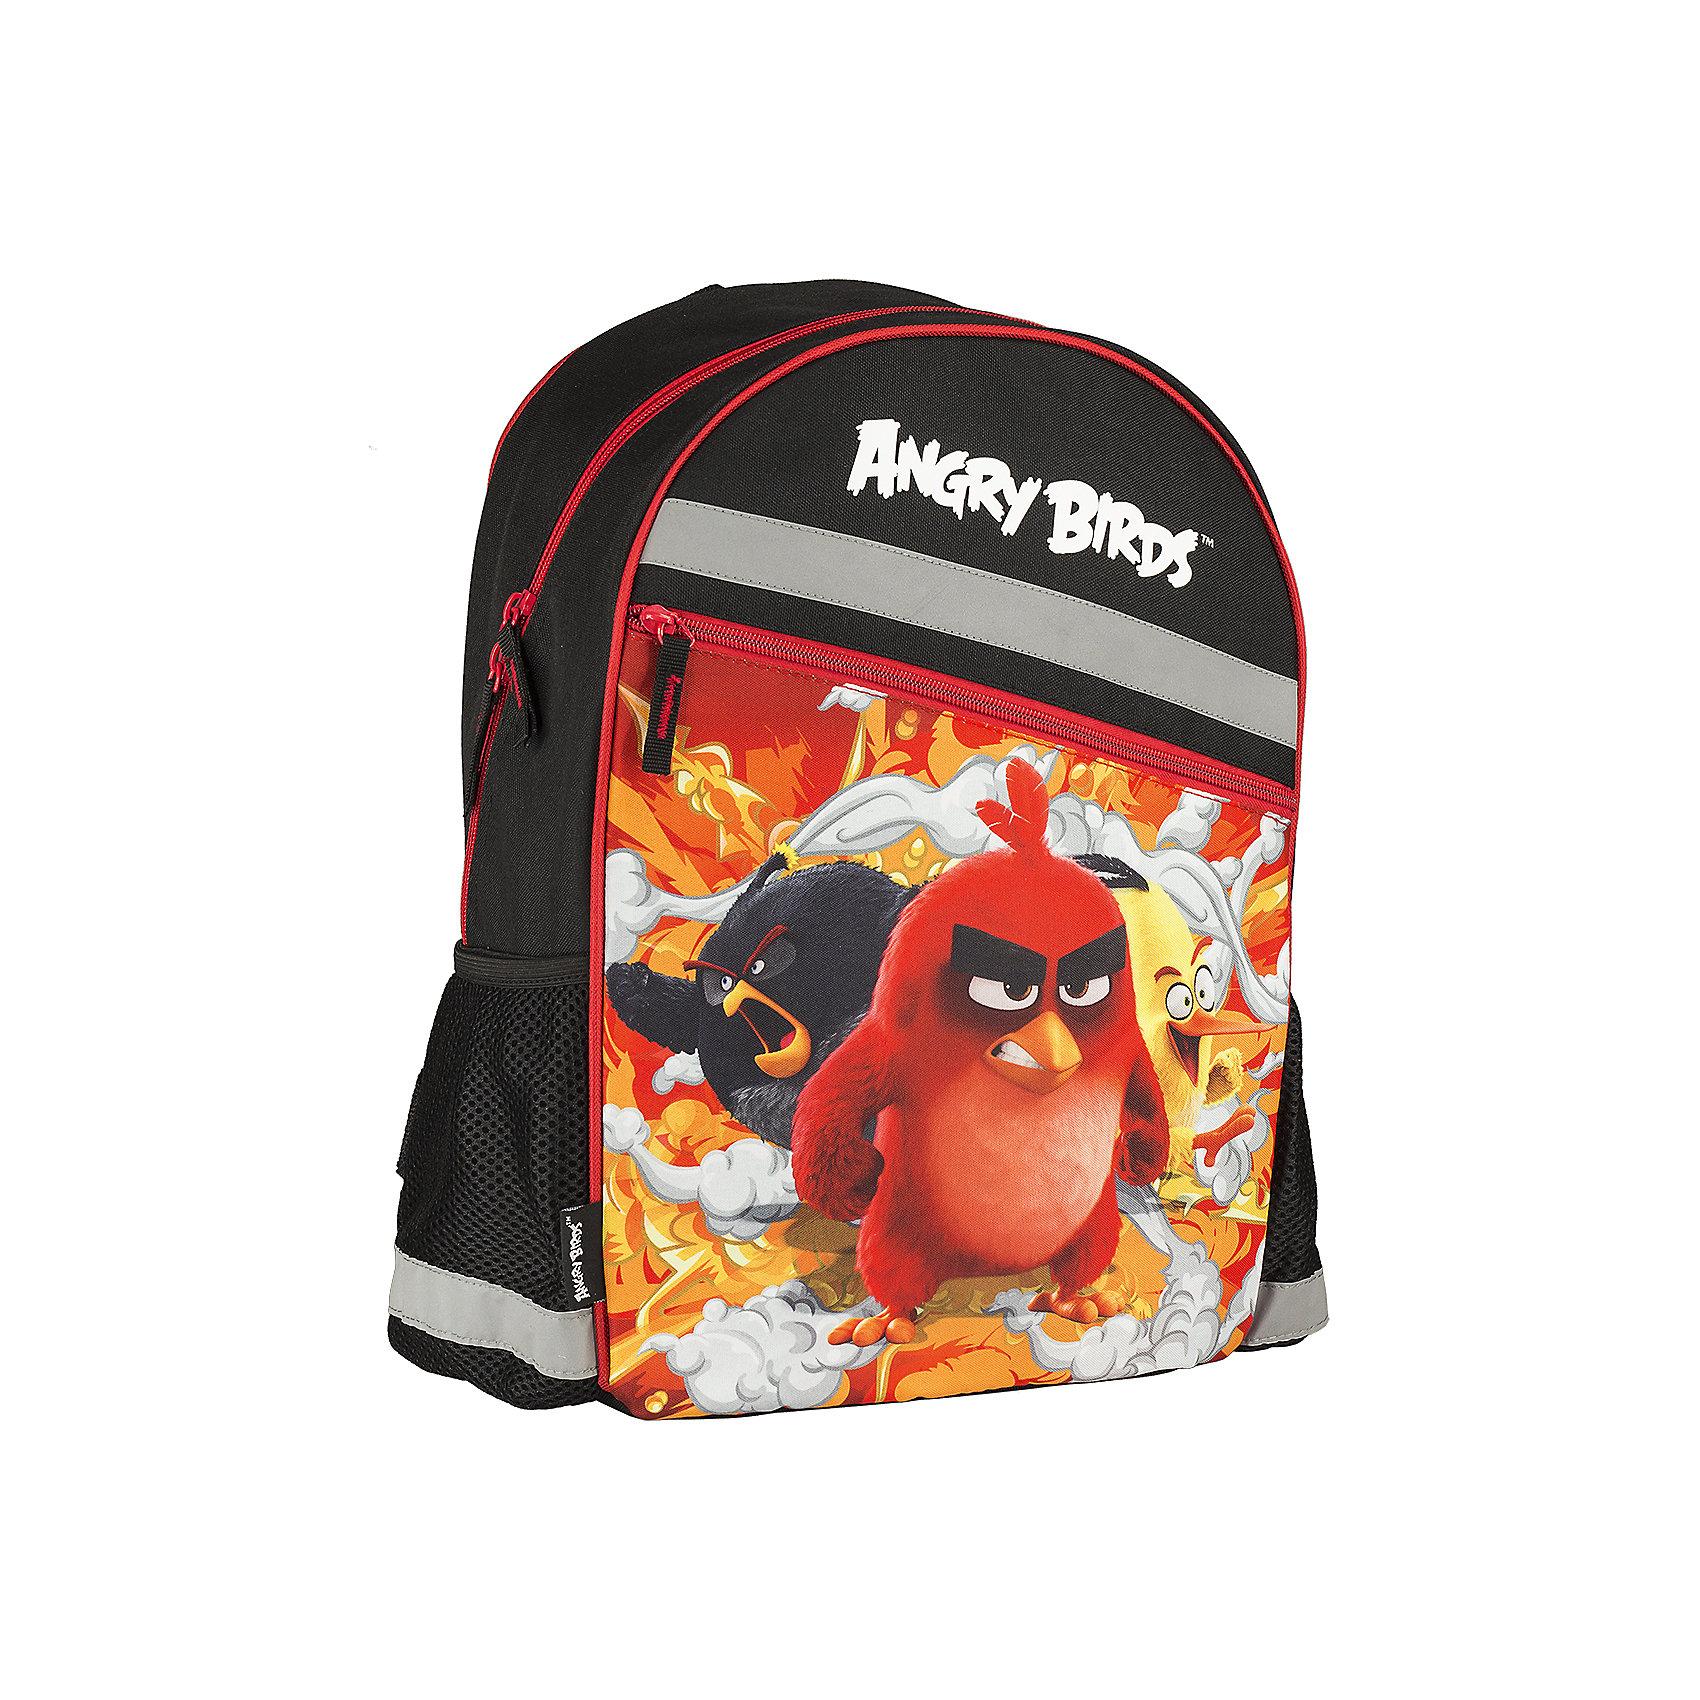 Школьный рюкзак Angry BirdsAngry Birds<br>Рюкзак, Angry Birds - прекрасный вариант для школьных занятий. Рюкзак выполнен из прочного полиэстера и имеет оригинальный дизайн по мотивам нового мультфильма про популярных птичек Angry Birds. Мягкая спинка из поролона обтянута воздухообменной сеткой. Широкие<br>мягкие лямки, регулируемые по длине, равномерно распределяют нагрузку на плечевой пояс. Также есть удобная текстильная ручка, за которую можно нести ранец. Ранец закрывается на застежку-молнию, внутри большое просторное отделение с одним открытым карманом и<br>карманом на молнии. По бокам расположены два маленьких сетчатых кармана. Светоотражающие элементы повышают безопасность ребенка на дороге.<br><br><br>Дополнительная информация:<br><br>- Материал: полиэстер. <br>- Объем: 19,2 л.<br>- Размер: 40 х 30 х 16 см.<br>- Вес: 0,46 кг.<br><br>Рюкзак, Angry Birds, можно купить в нашем интернет-магазине.<br><br>Ширина мм: 300<br>Глубина мм: 160<br>Высота мм: 400<br>Вес г: 460<br>Возраст от месяцев: 96<br>Возраст до месяцев: 108<br>Пол: Мужской<br>Возраст: Детский<br>SKU: 4681151